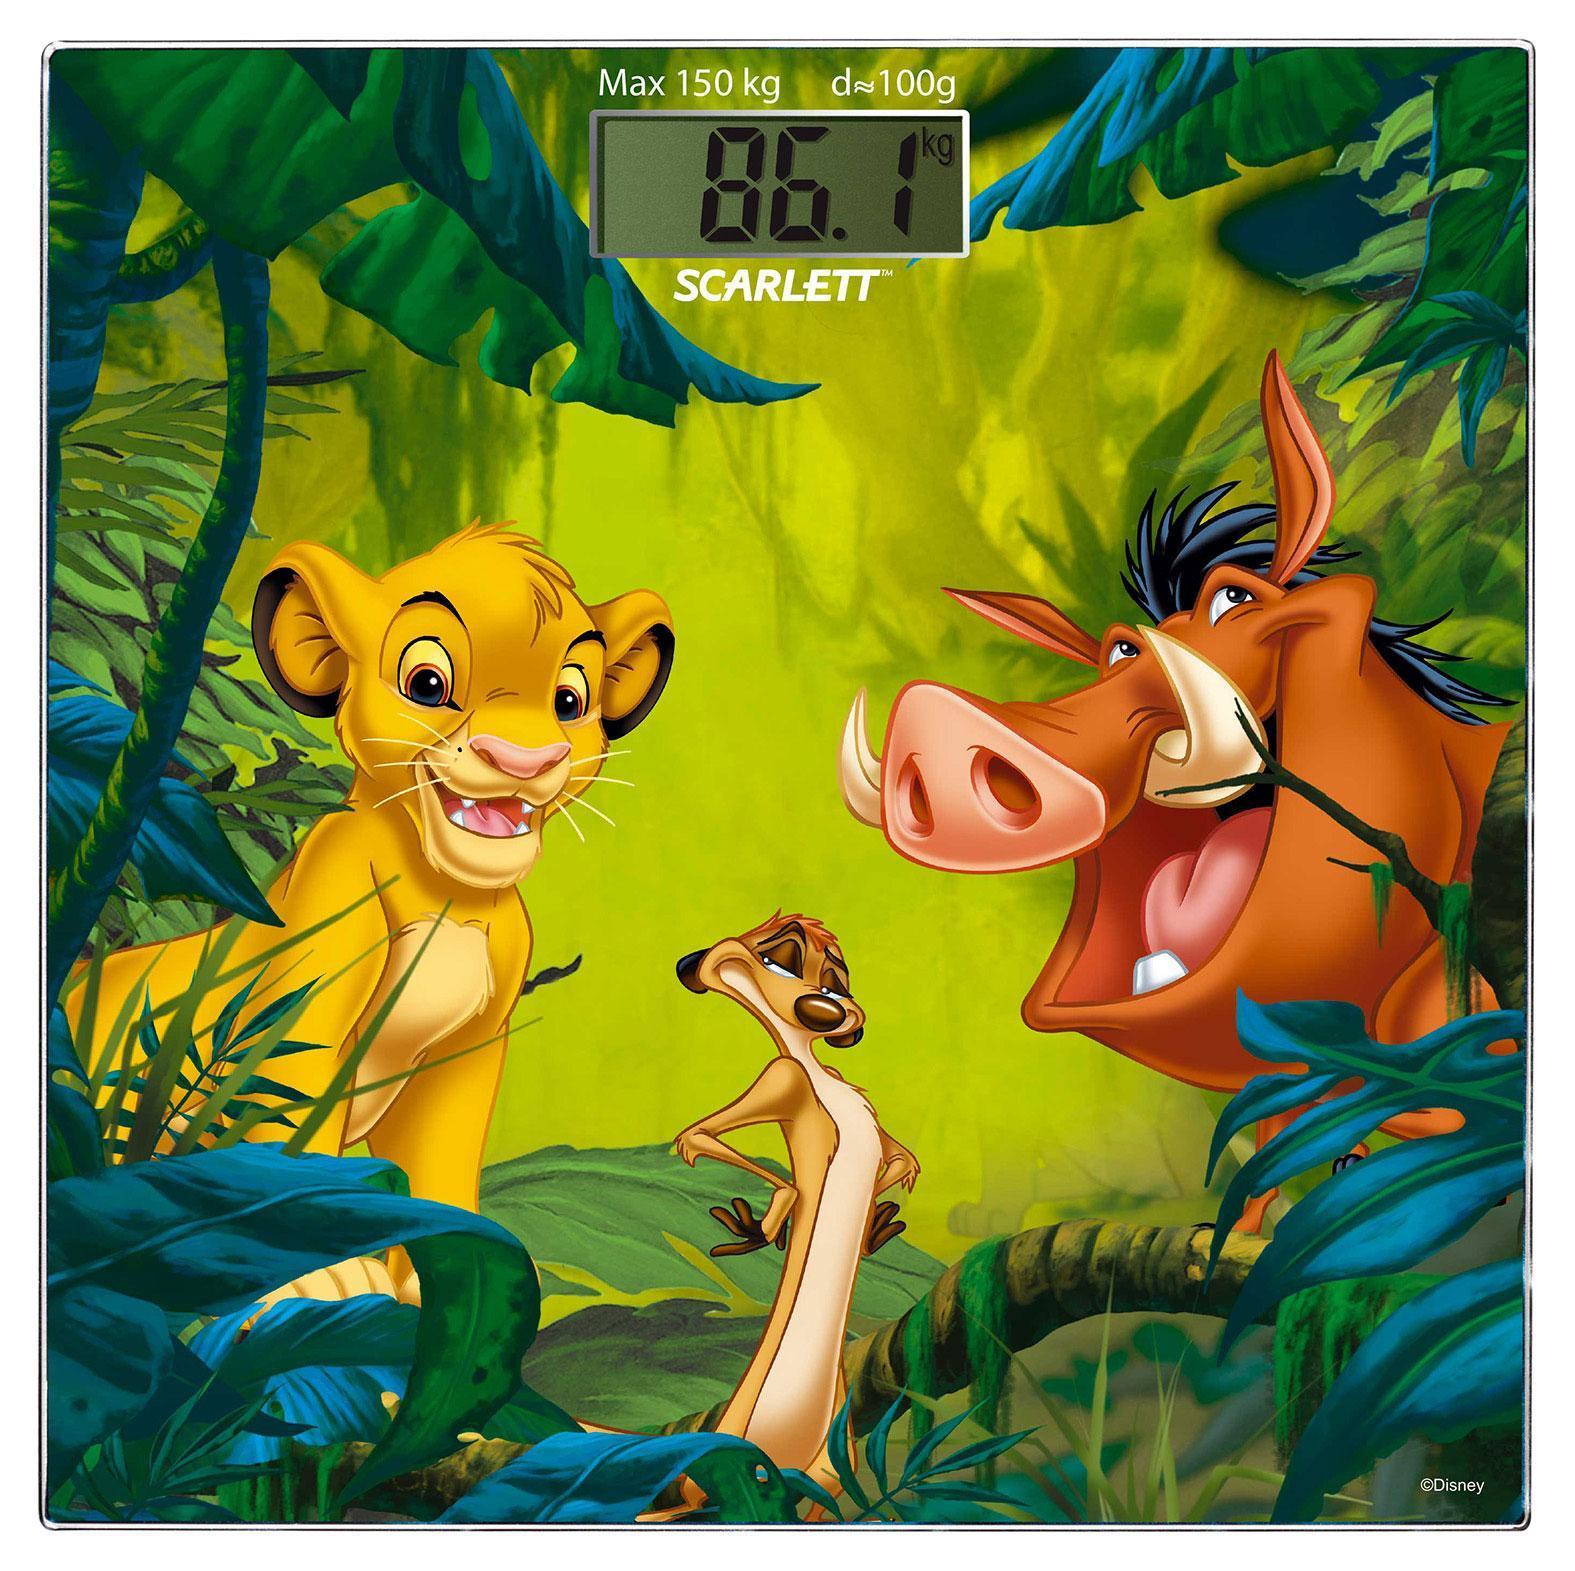 Scarlett SC-BSD33E894 Lion King весы напольные электронныеSC-BSD33E894Напольные весы Scarlett SC-BSD33E894 изготовлены из ударопрочного стекла и оформлены в сдержанном стиле. Весы имеют стандартную точность измерения, равную 100 грамм. Устройство измеряет массу тела в килограммах и работает от батарейки типа CR2032 (1 шт). Электронный дисплей отображает большие цифры, которые можно будет увидеть с высоты человеческого роста. Также данная модель имеет прорезиненные ножки, для большей устойчивости.